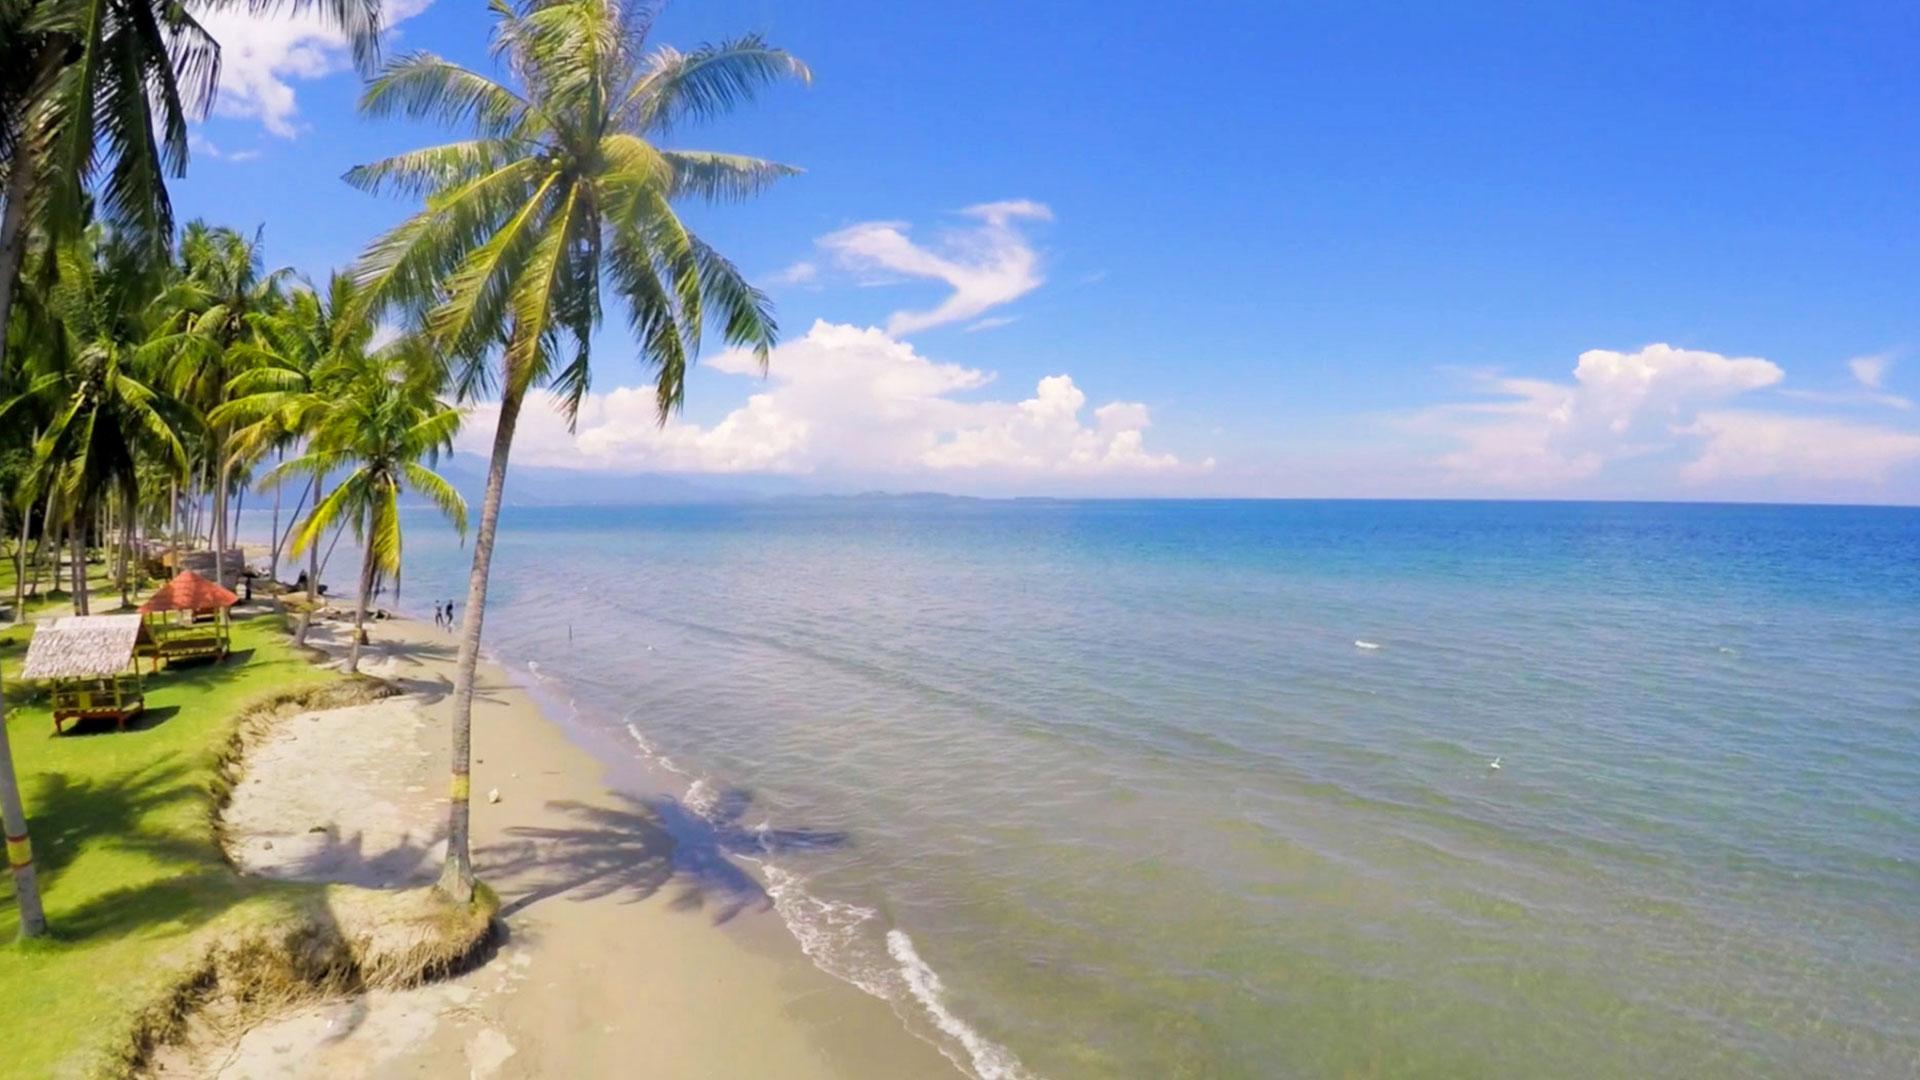 Pantai Mampie Surga Kecil Sulawesi Barat Sportourism Kab Polewali Mandar